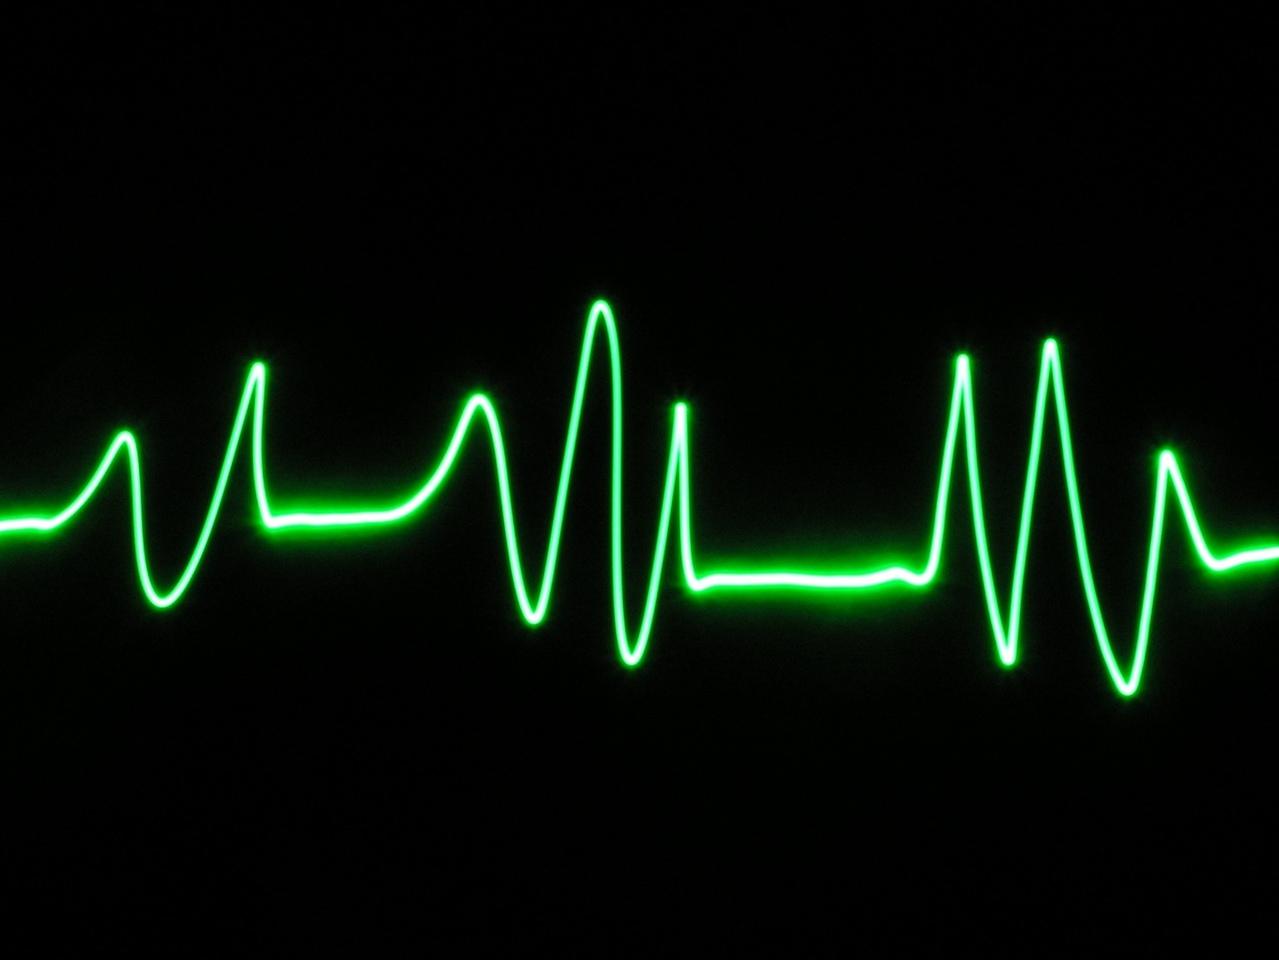 Morte improvvisa nei giovani, lo rivela una cicatrice sul cuore